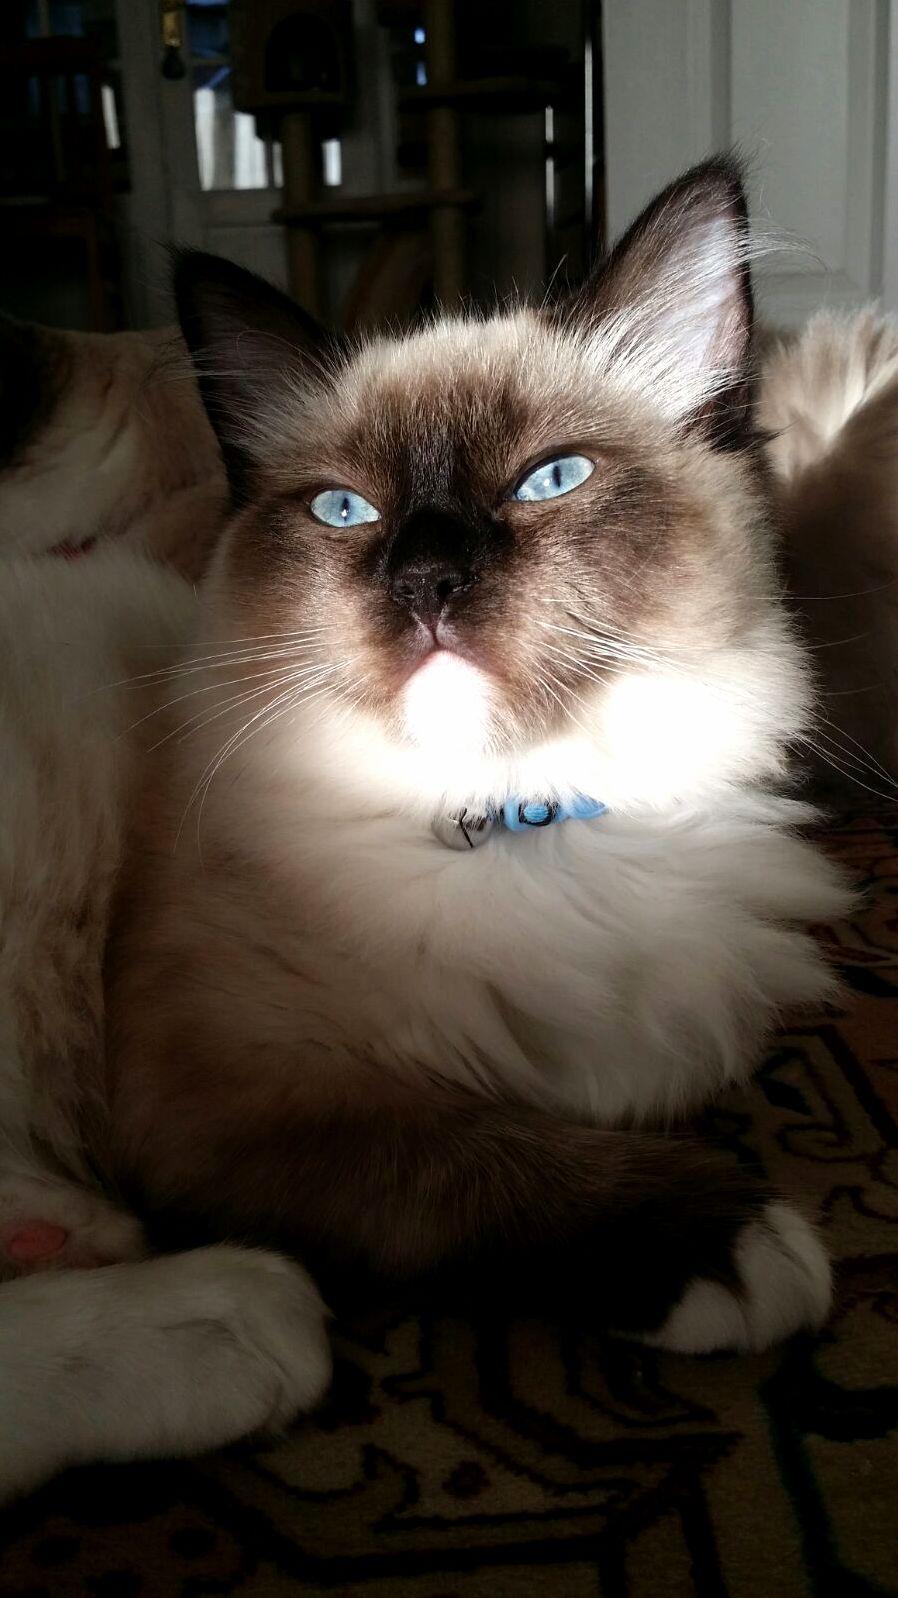 Fergus looking majestic